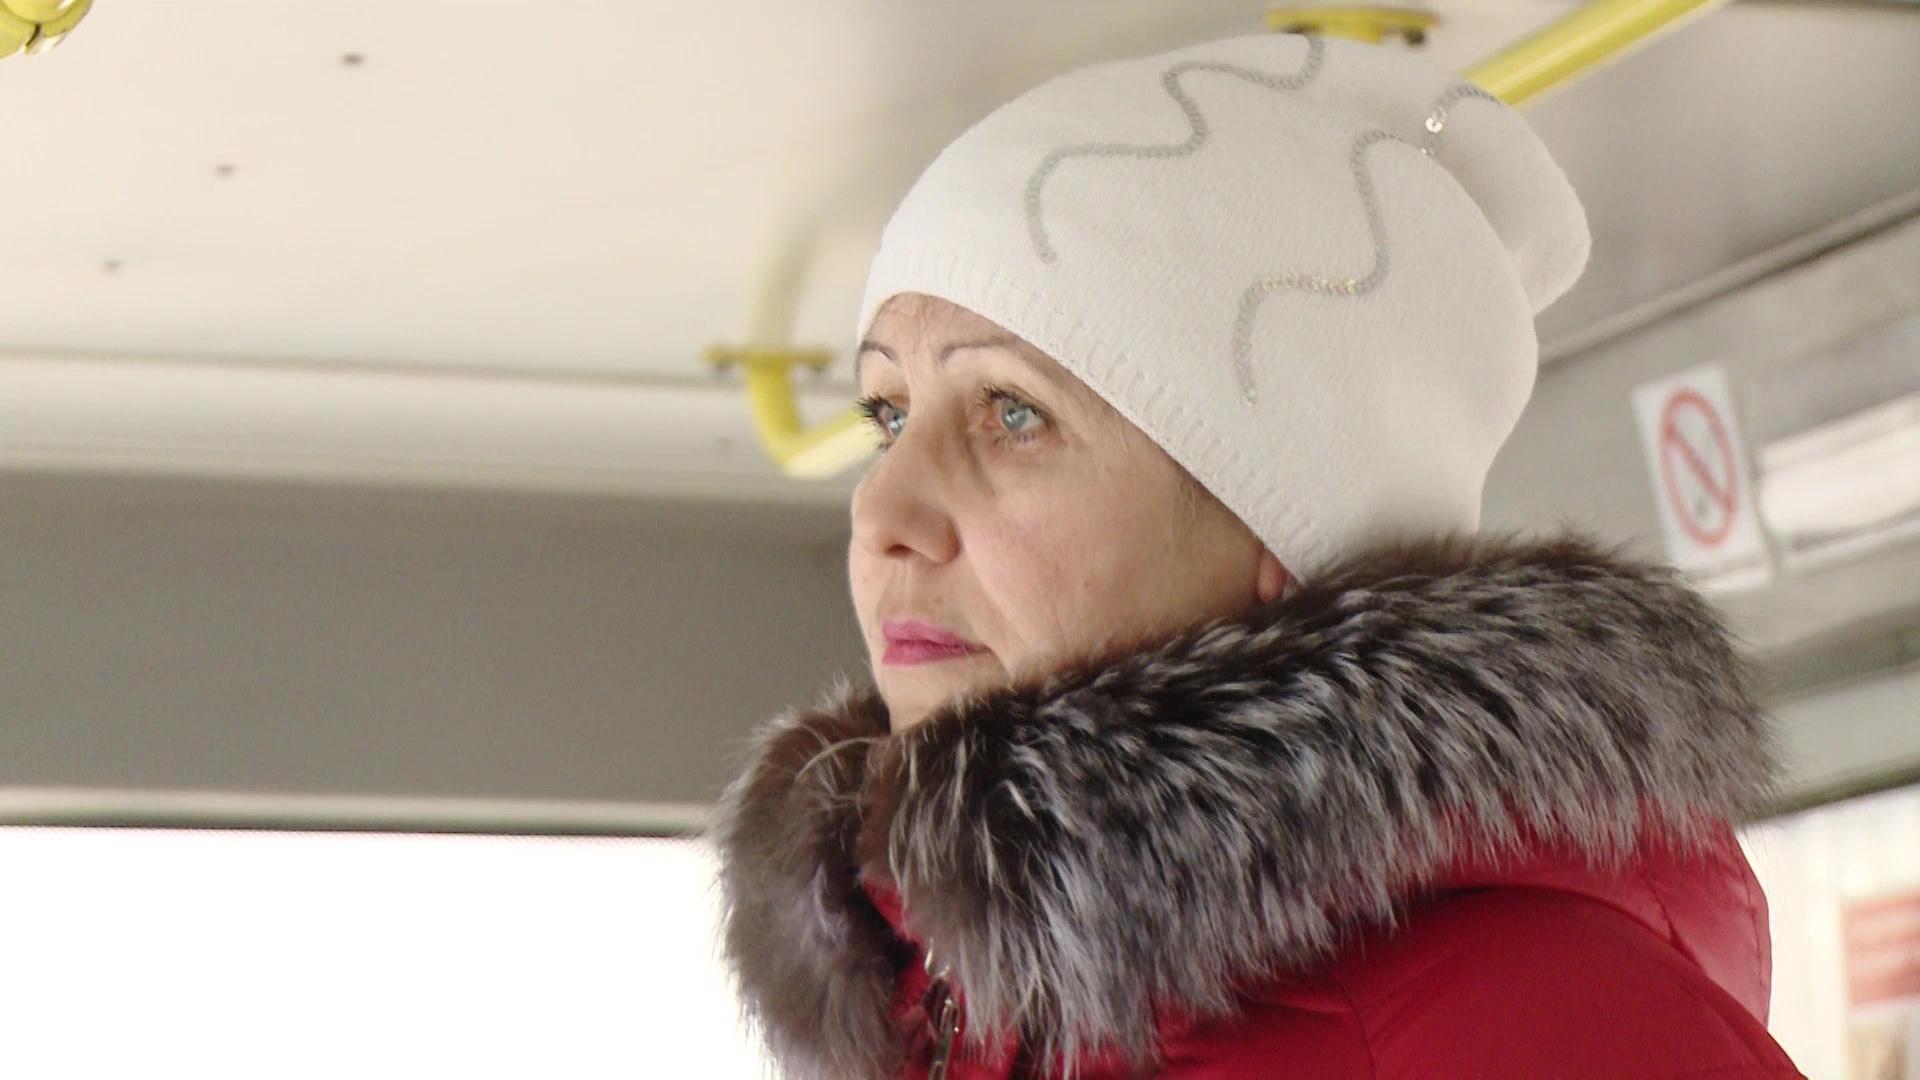 Ярославна поймала вора, вытащившего у школьницы телефон, и удержала его до приезда полиции